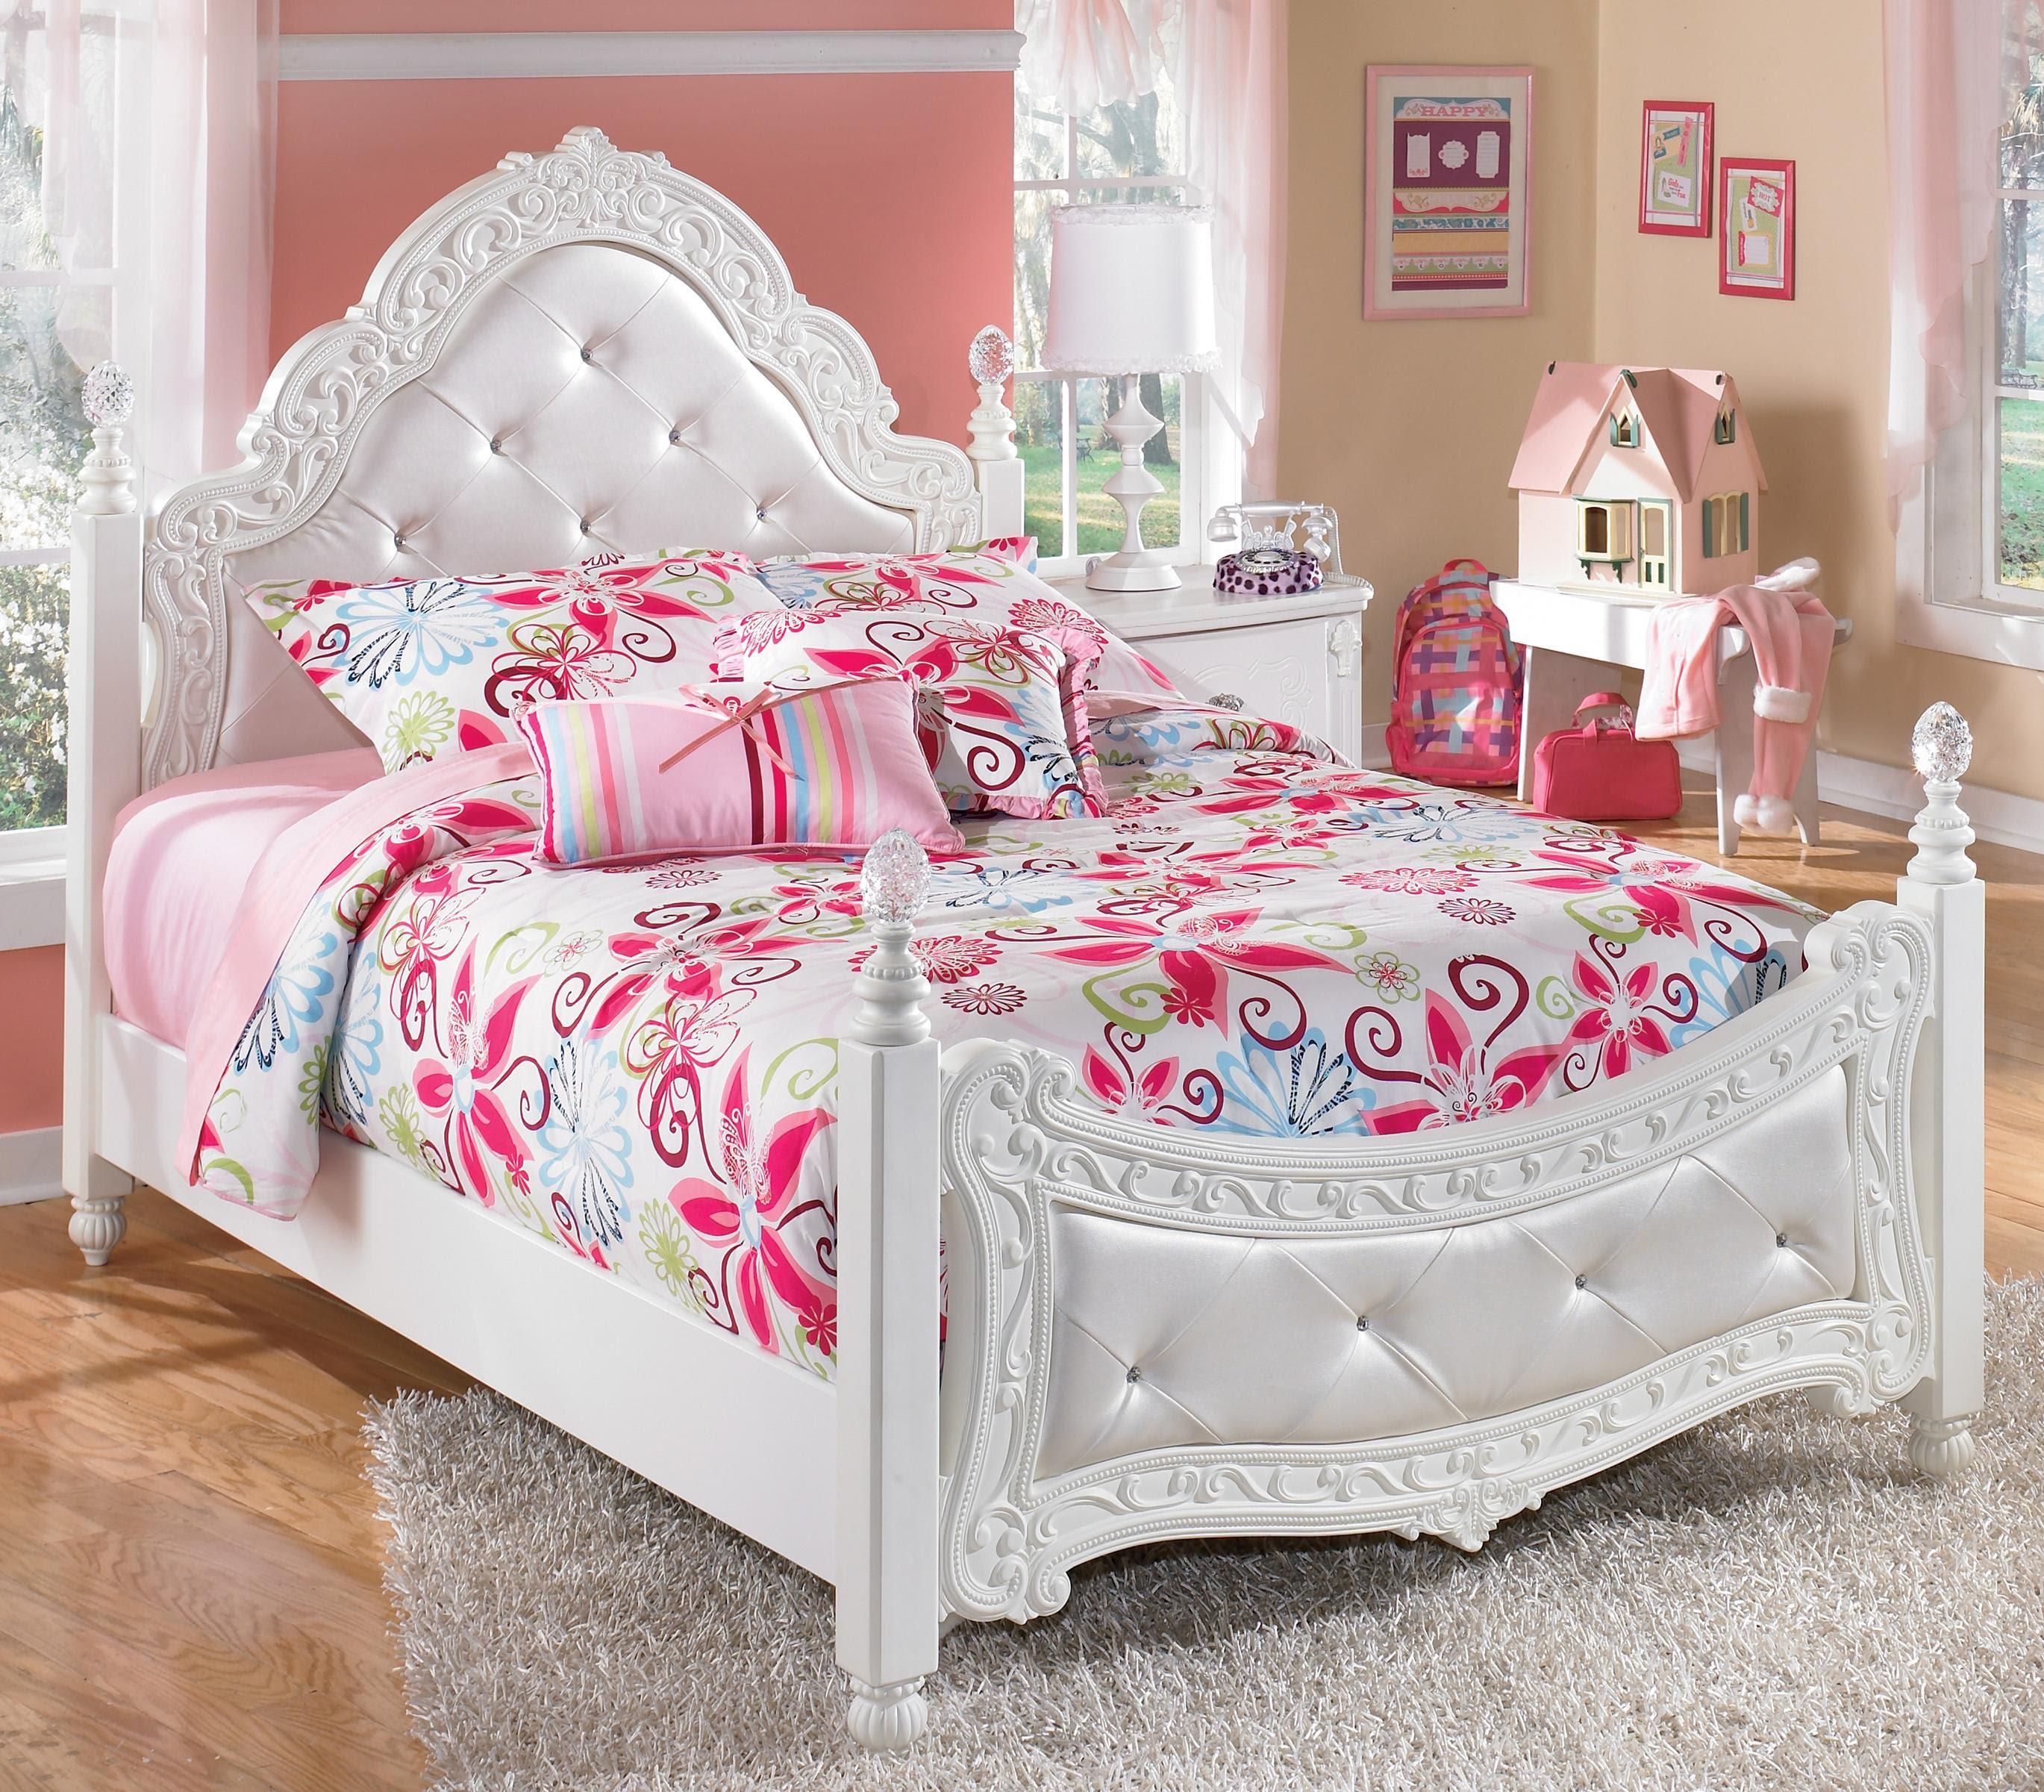 Bedroom sets for girls bedroom sets |  Bedroom sets for girls - youtube TXKCAHE